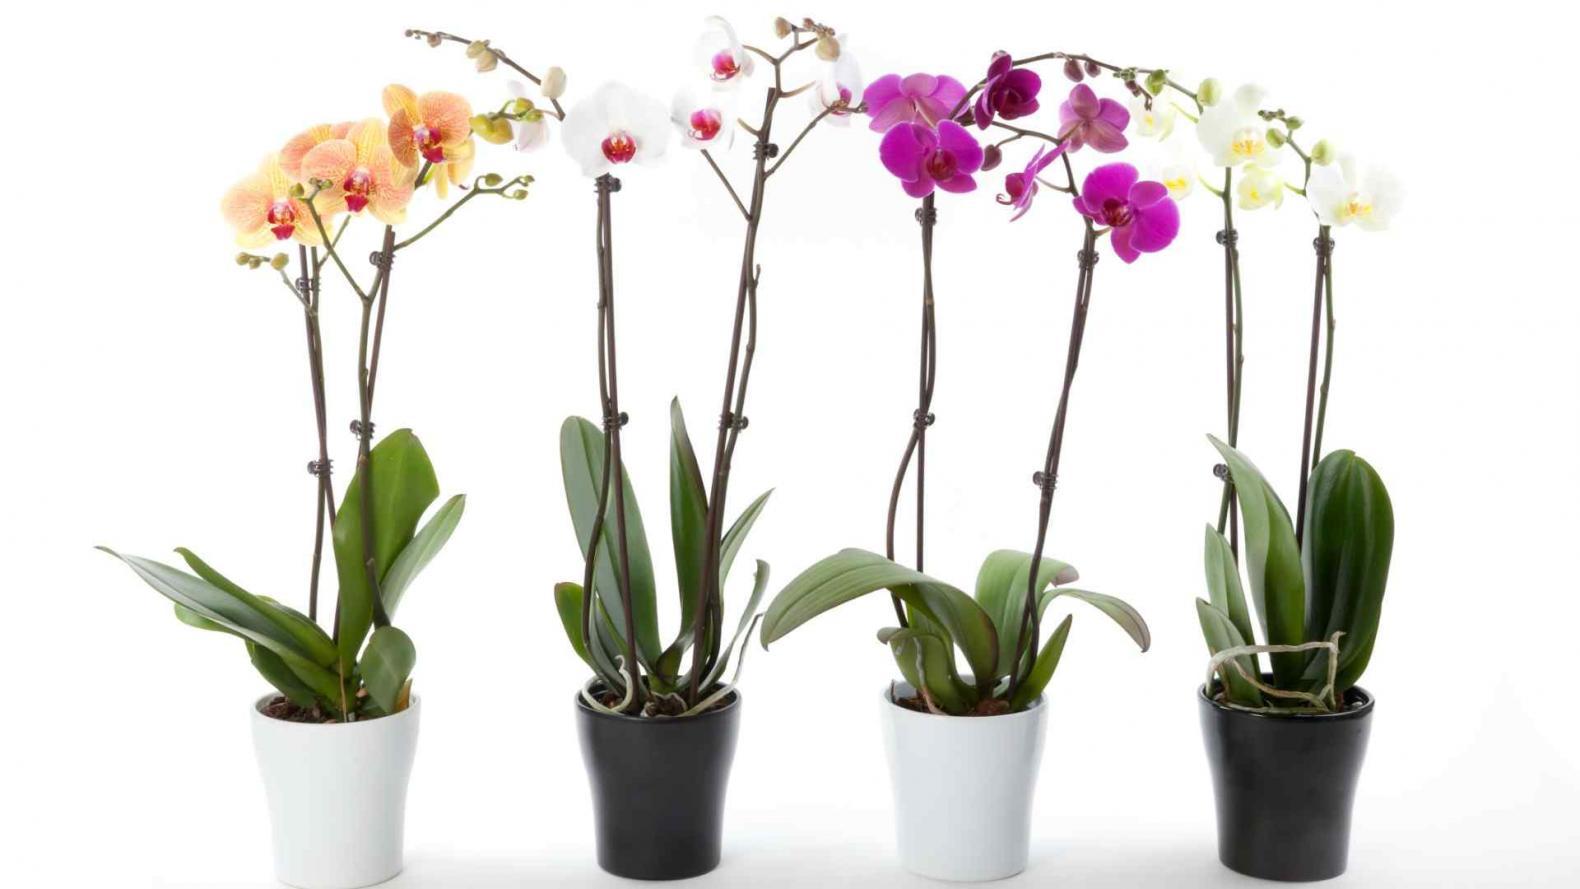 Plantas de interior tendencias y recomendaciones musa for Plantas de invierno para interior